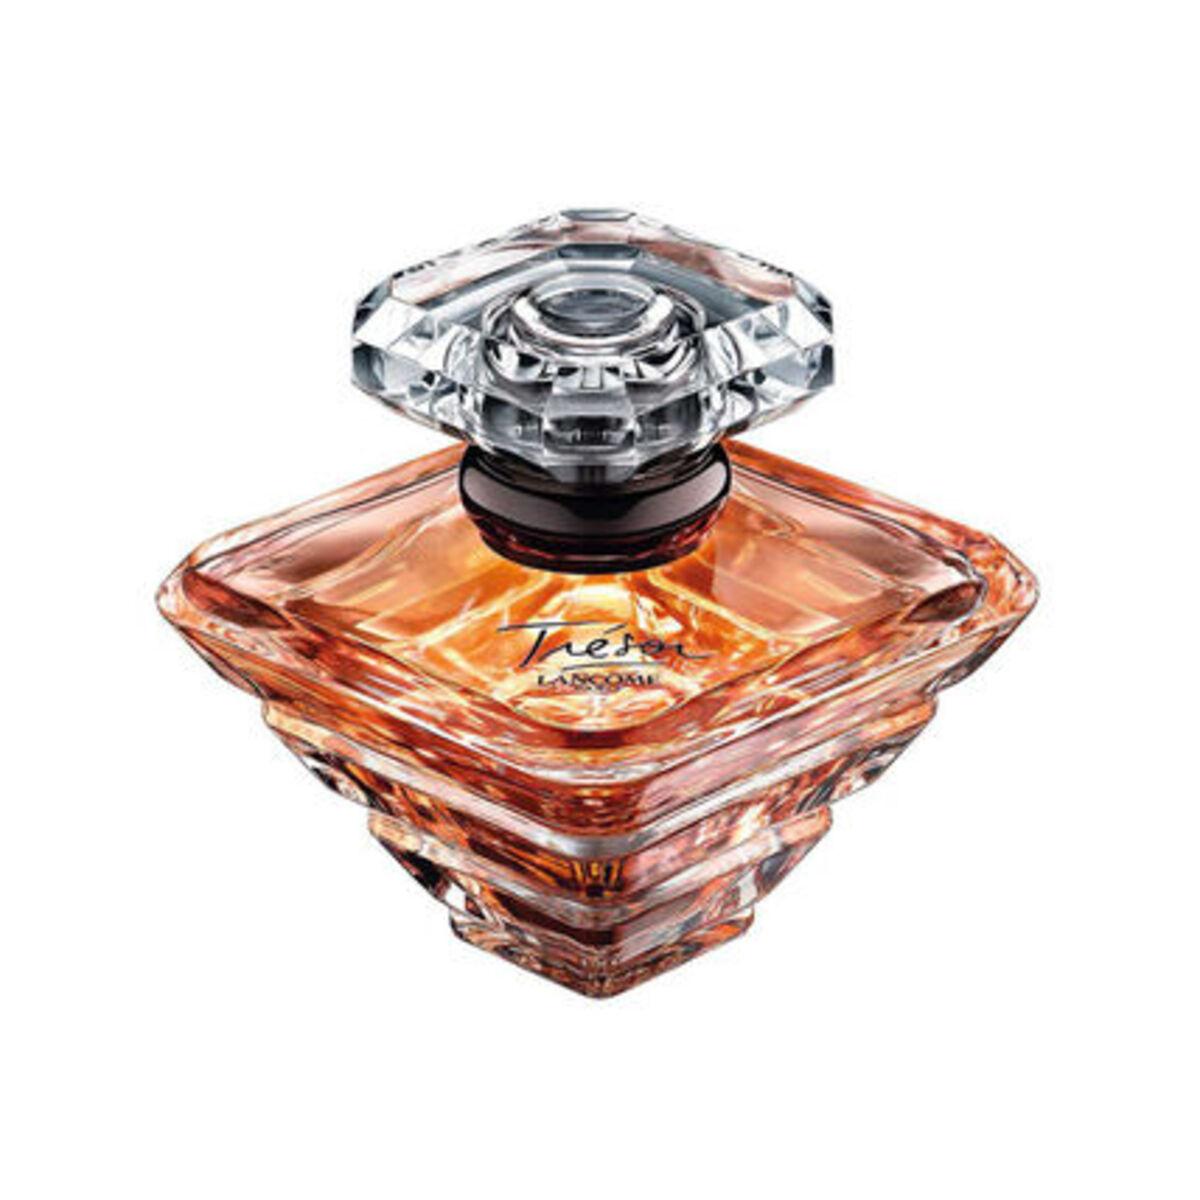 Bild 1 von Lancôme Trésor, Eau de Parfum